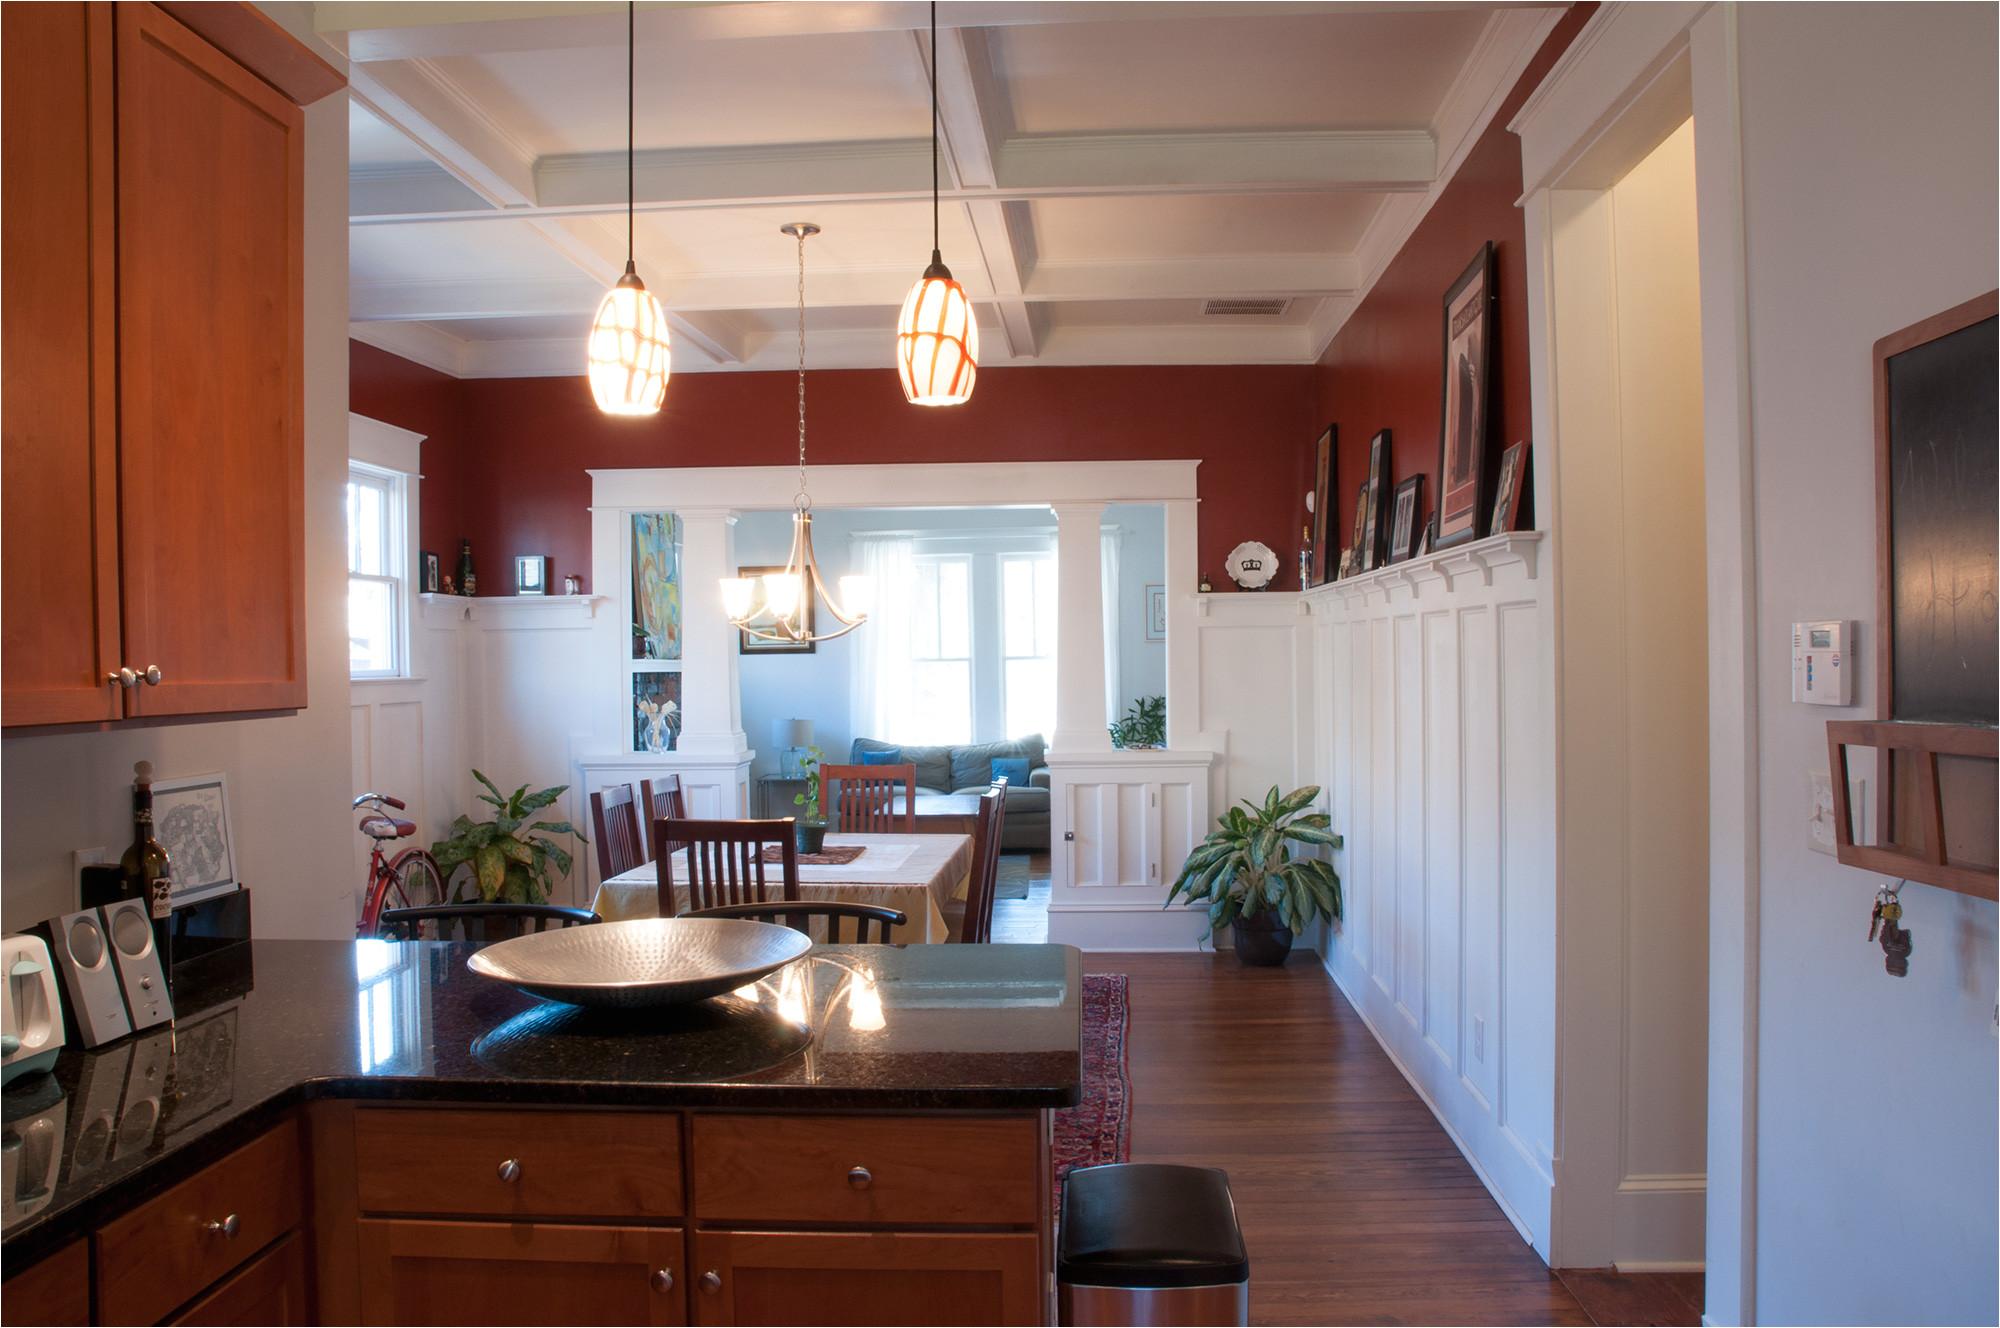 combination kitchen and living room open floor plan